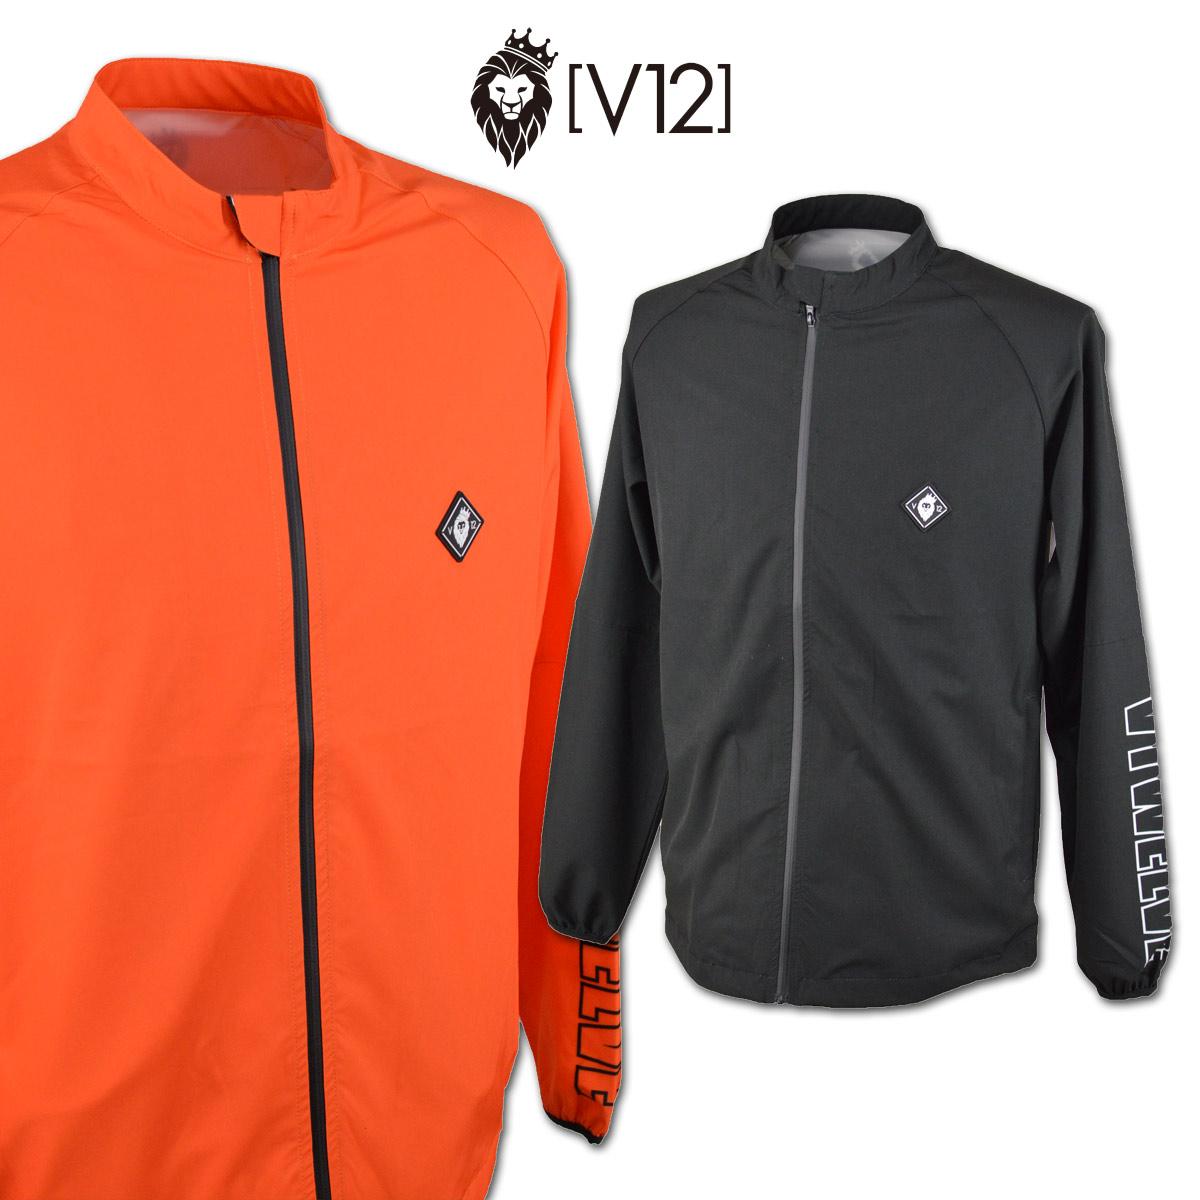 V12 ブルゾン メンズ 黒 オレンジ M L v122010jk03【 あす楽 送料無料 送料無料 】[ ヴィトゥエルヴ 長袖 ウインドブレーカー BIG LOGO JKT V12 ギフト かっこいい 賞品 golf ゴルフ 新作 プレゼント レア 紳士 父の日 ]